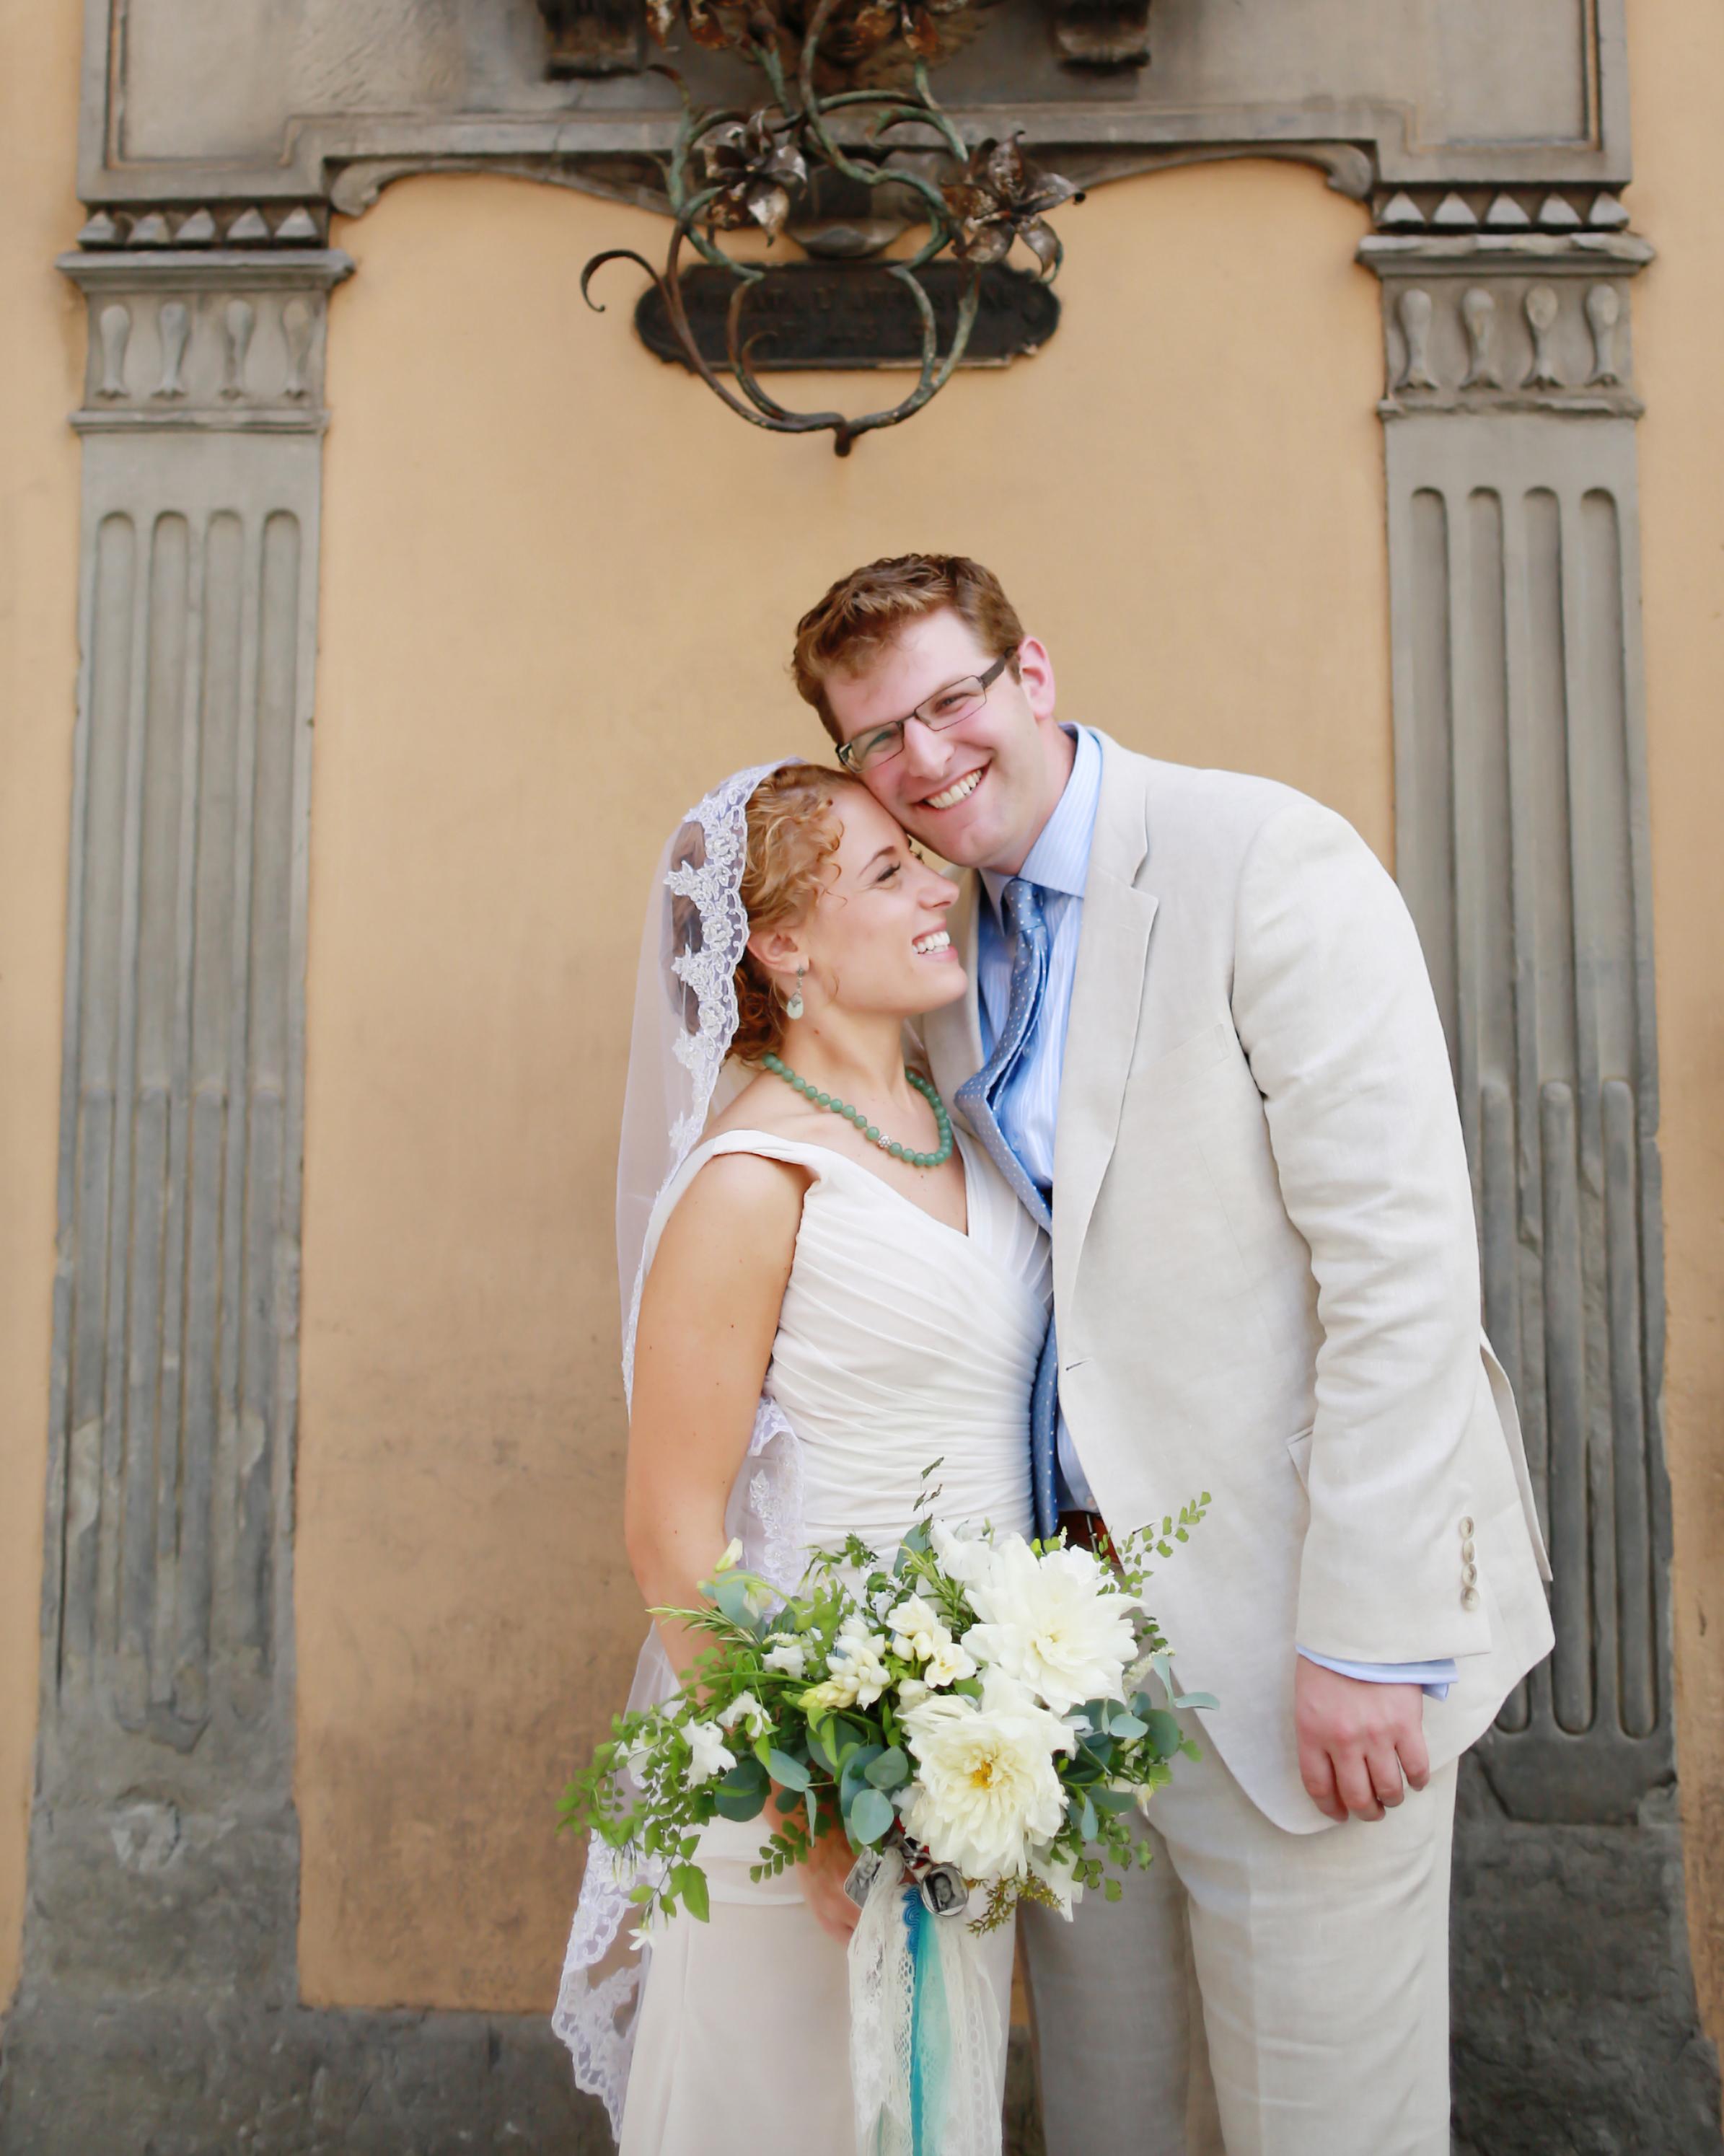 lindsay-andy-wedding-couple-3123-s111659-1114.jpg